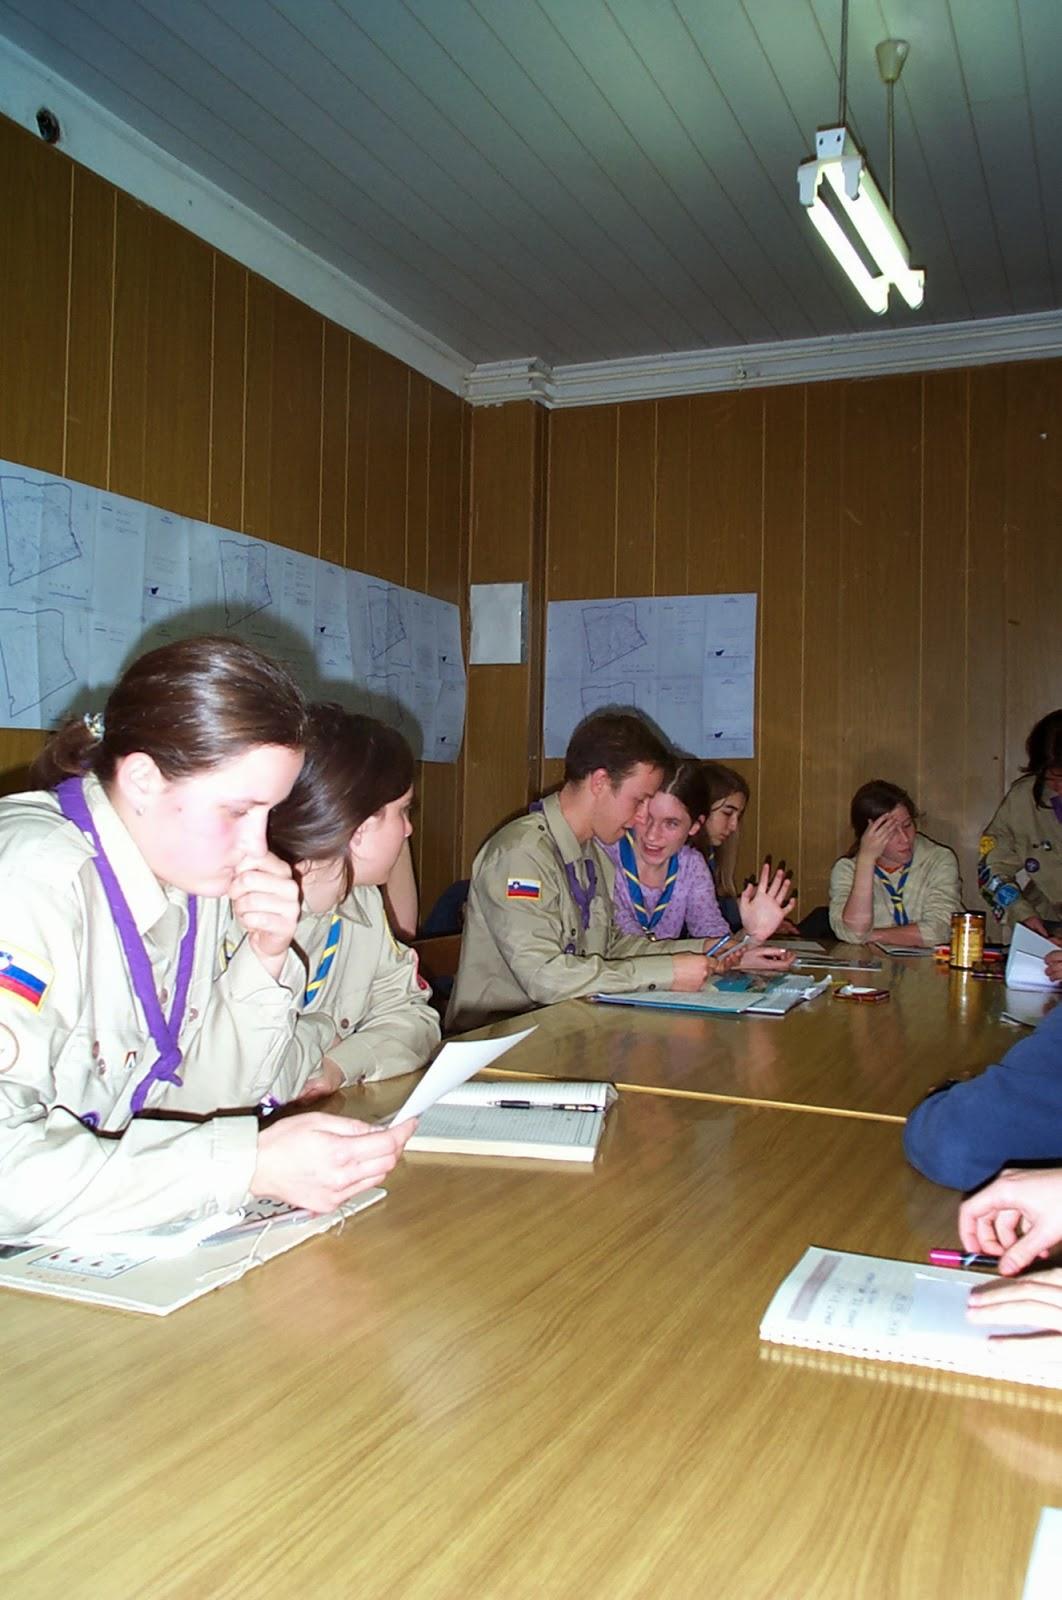 Sestanek vodnikov, Ilirska Bistrica - DCP_3489.JPG